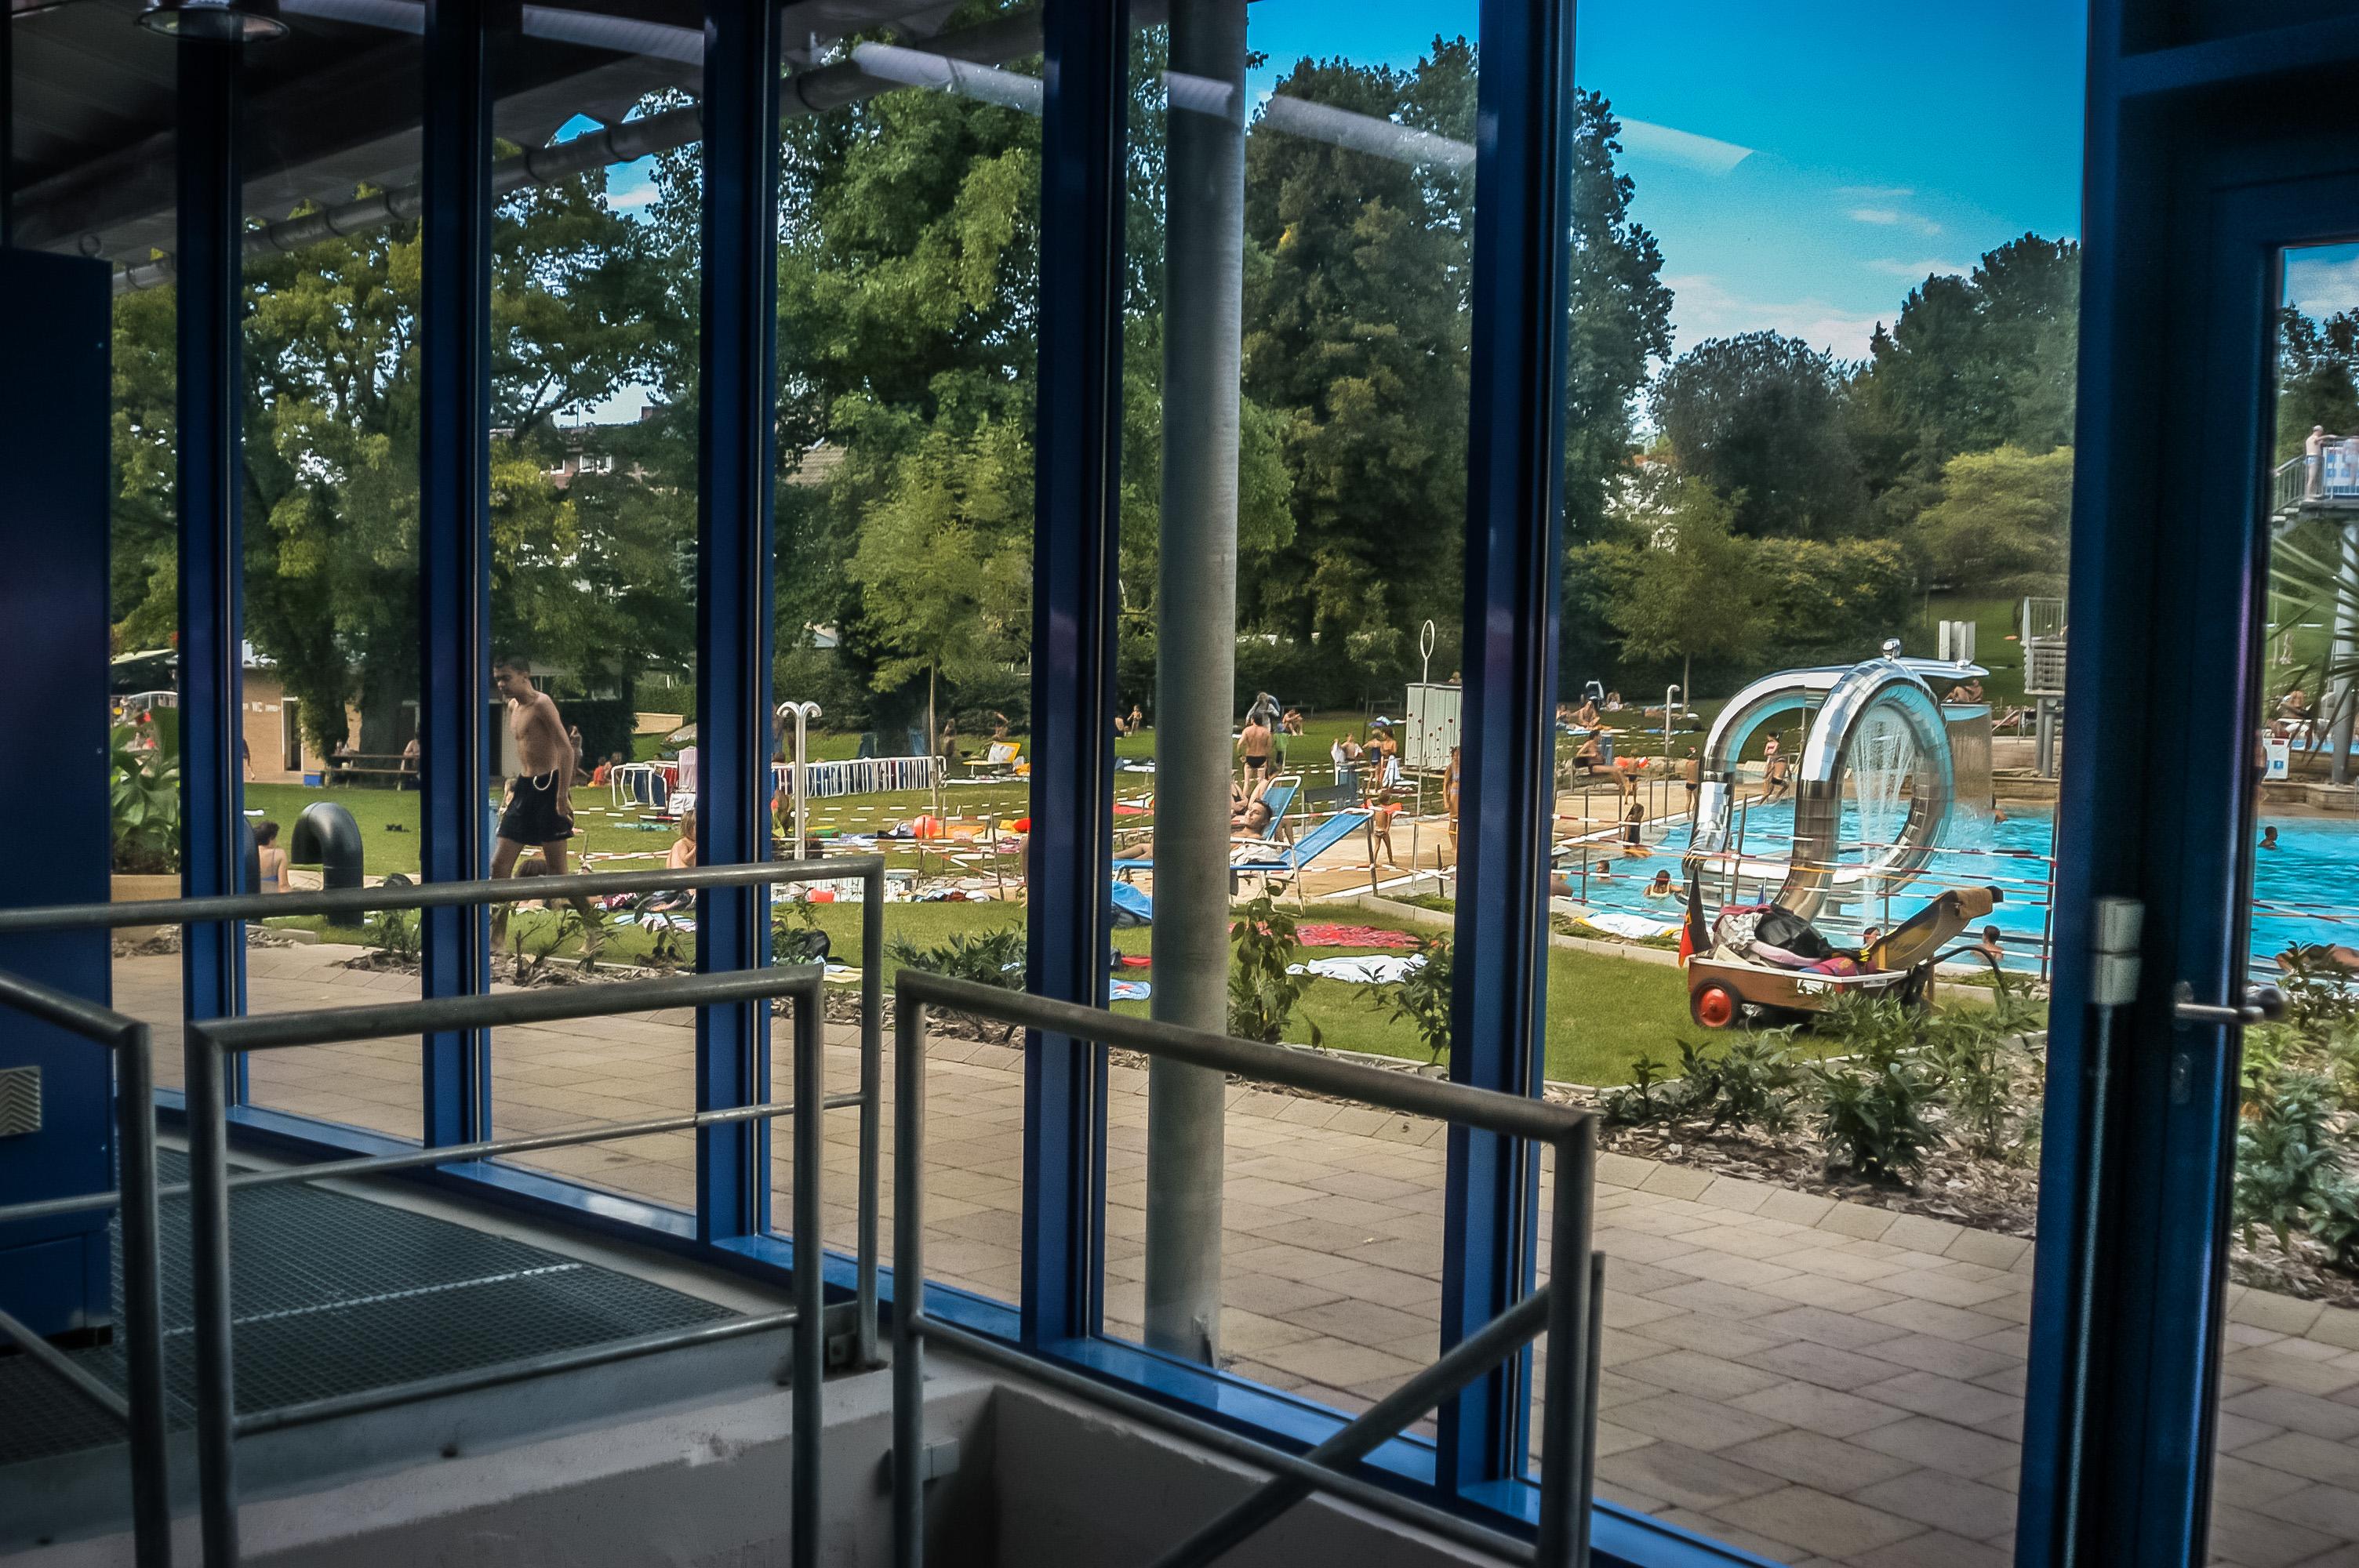 Sanierung Freizeit- und Erlebnisbad Müllheim, Baden